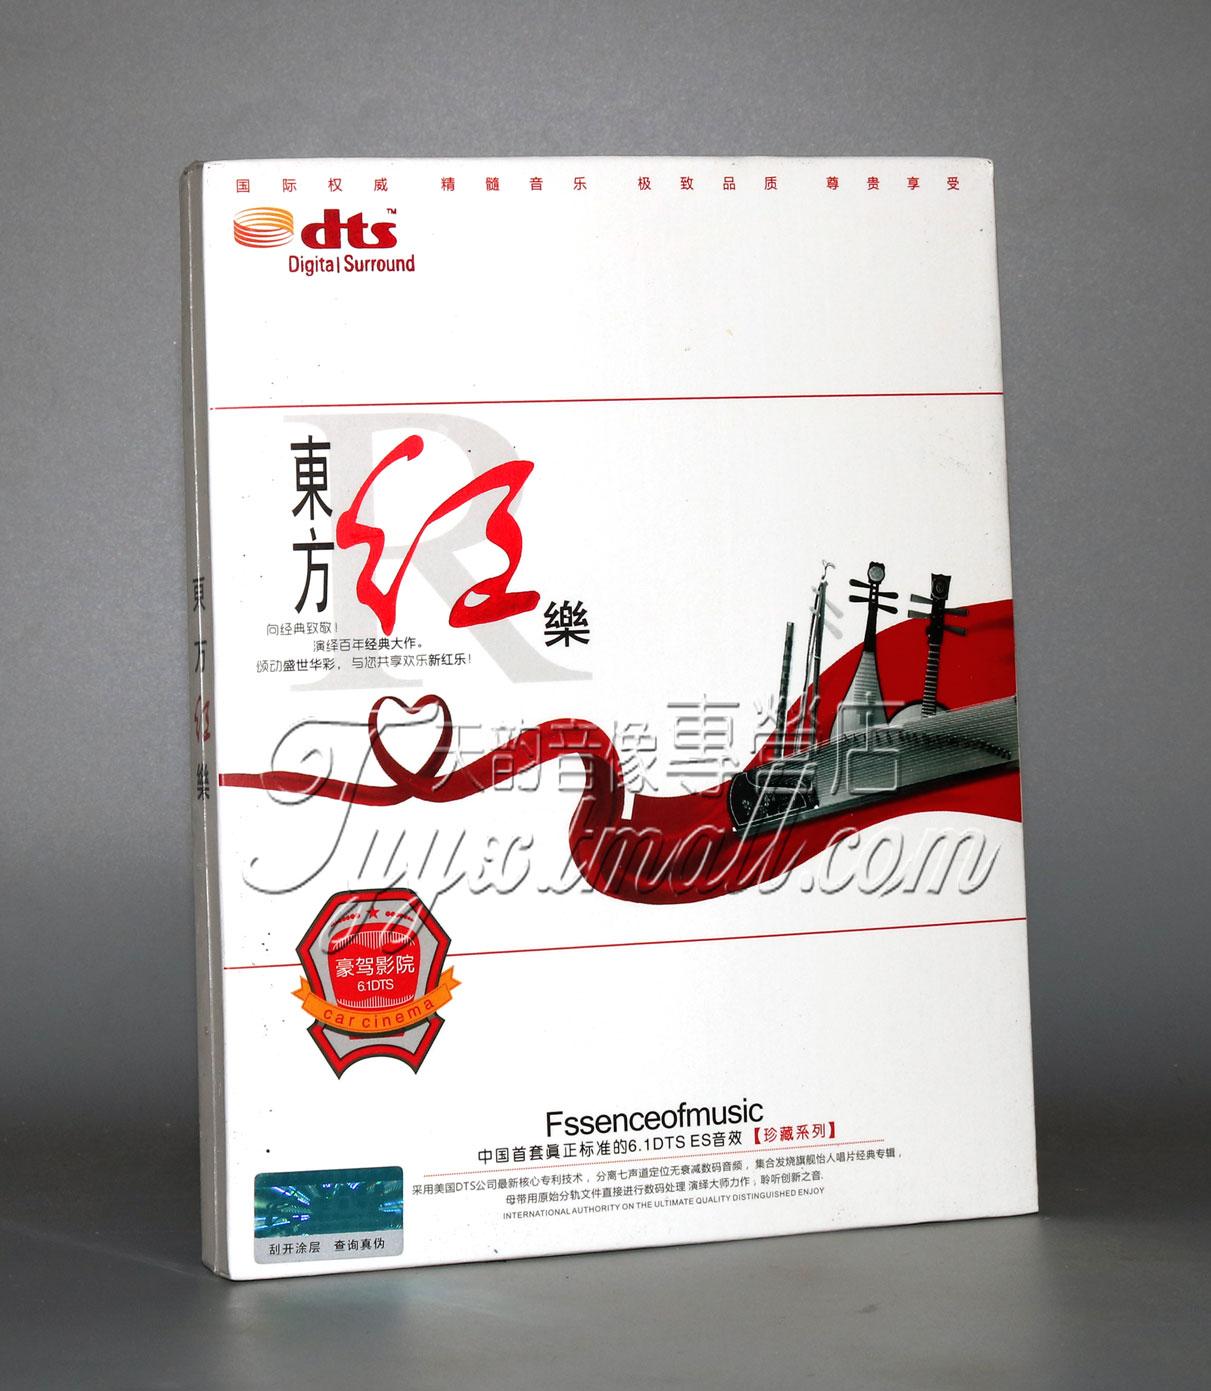 家庭影院 dts cd 发烧 碟 音乐 东方红乐 DTS6.1环绕声试音碟 1CD